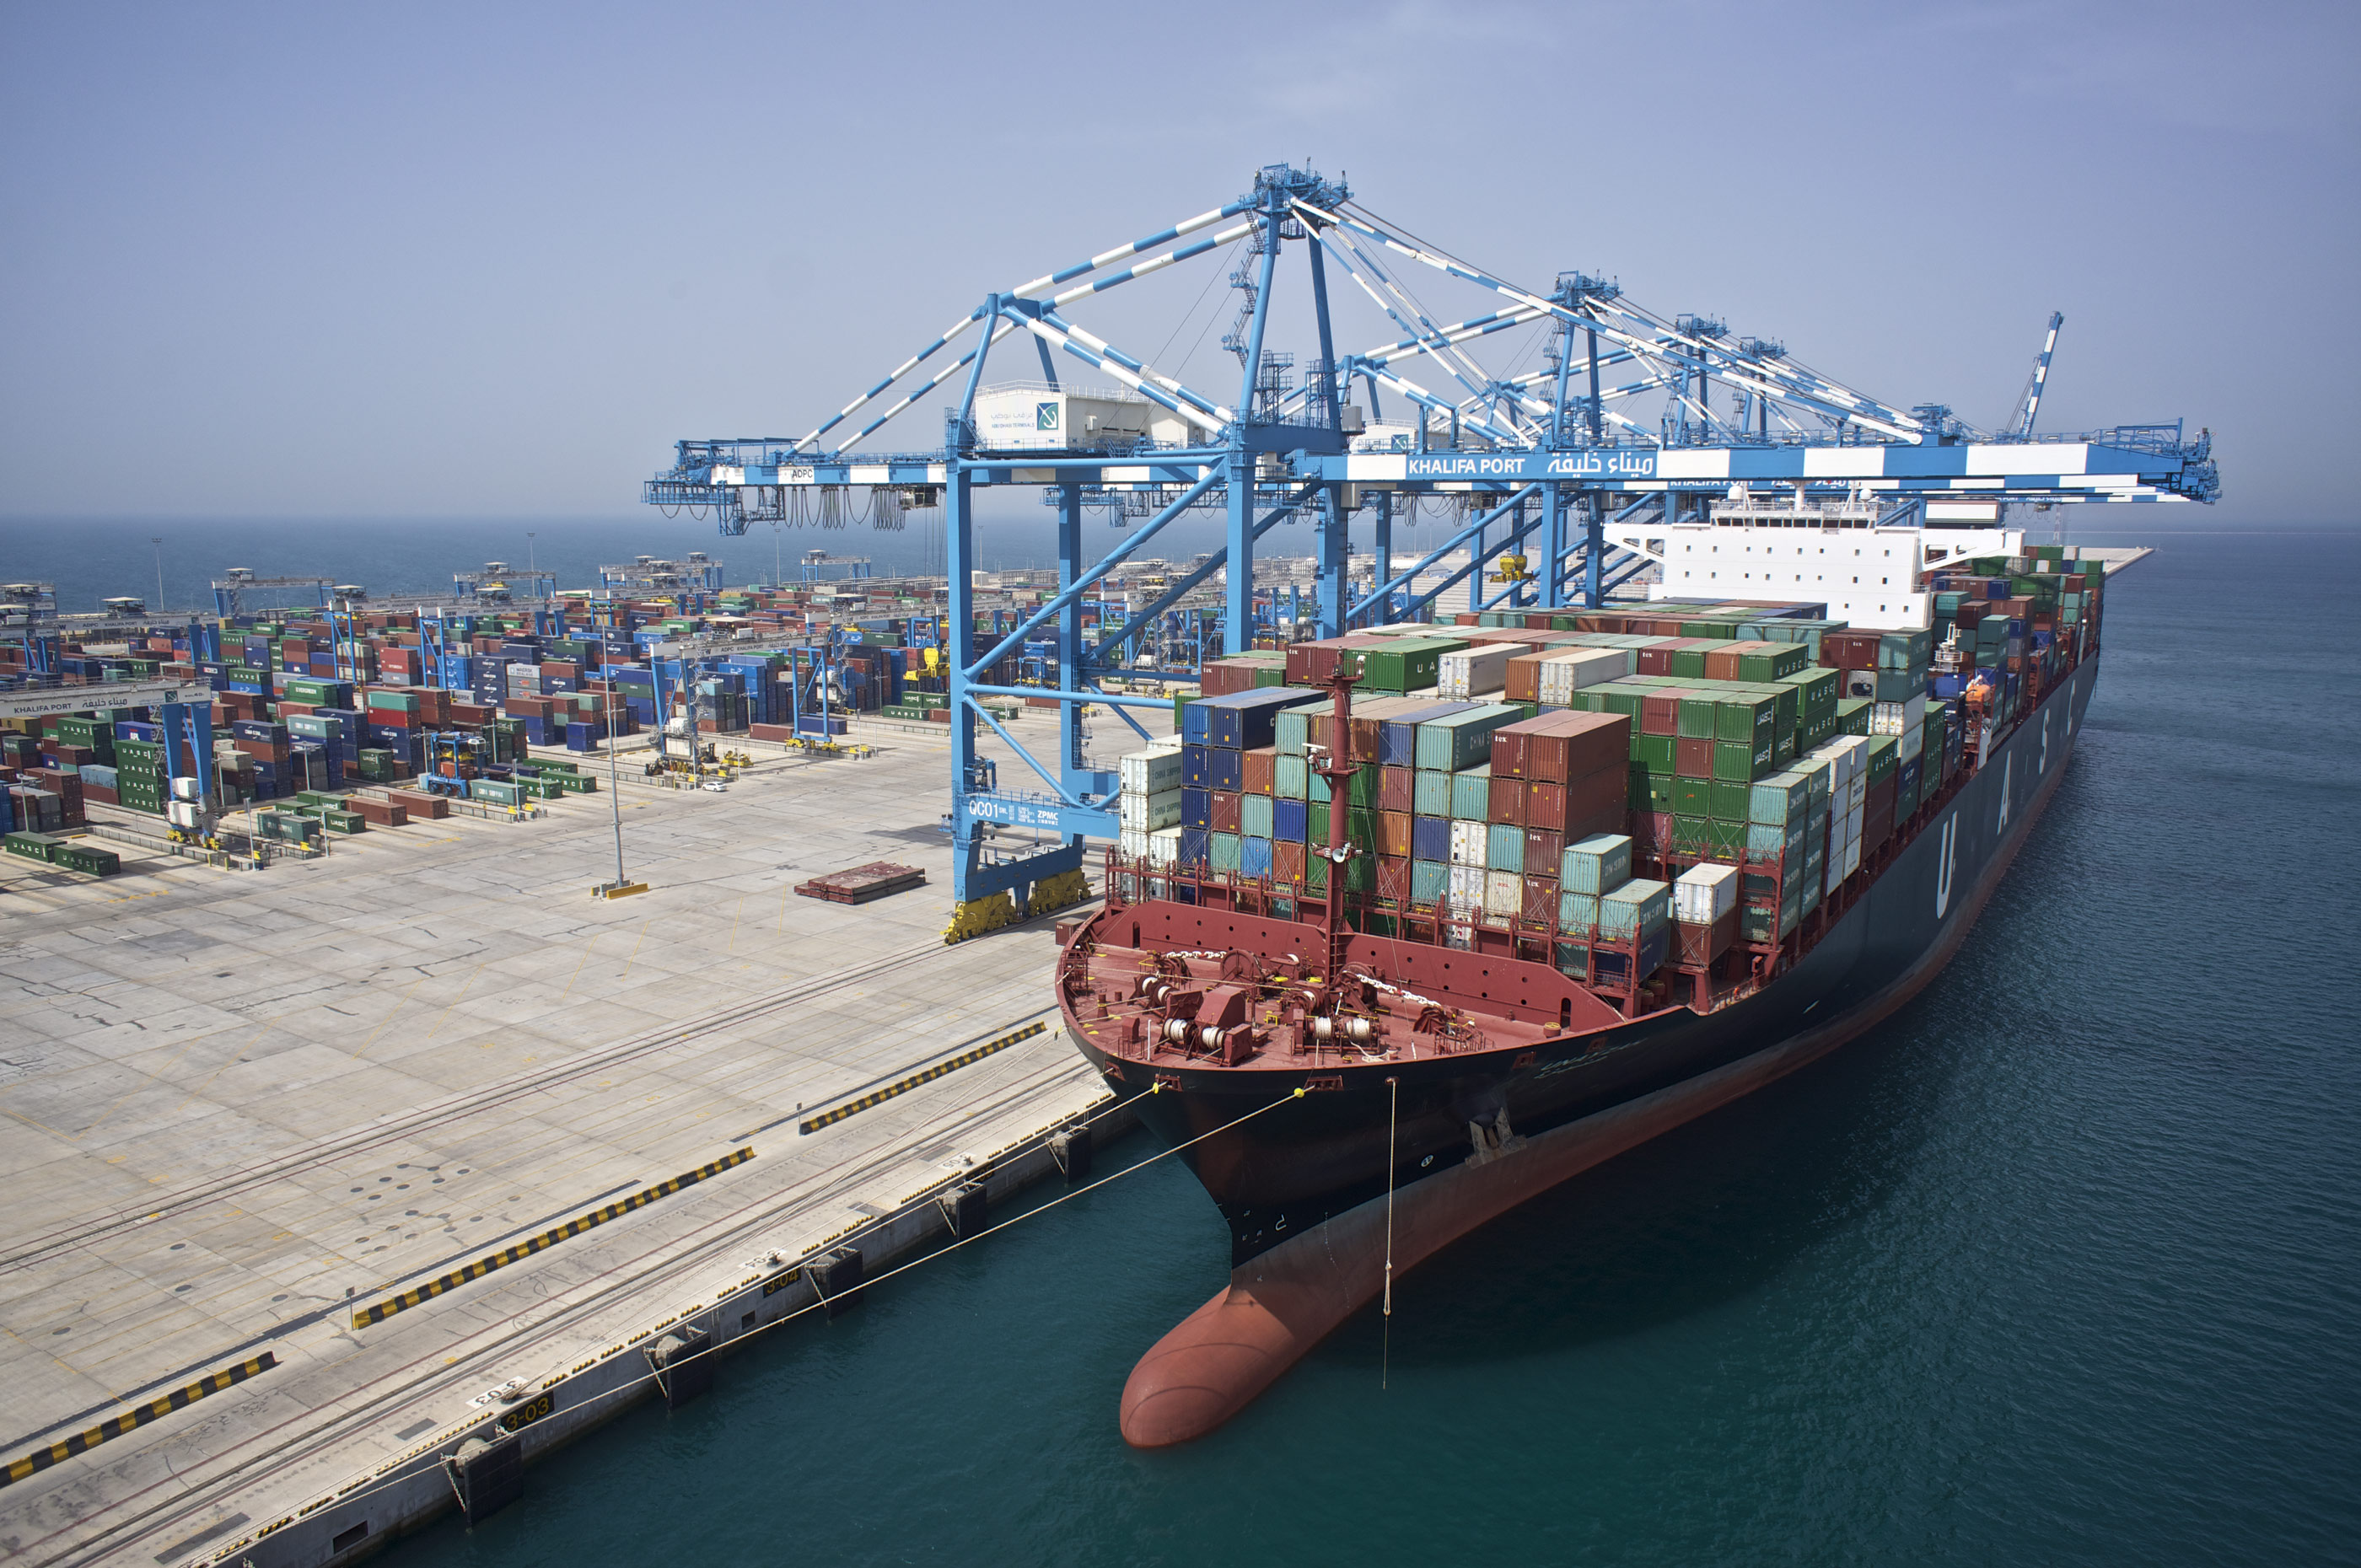 افتتاح ميناء المرفأ بعد استكمال مراحل تطويره في المنطقة الغربية